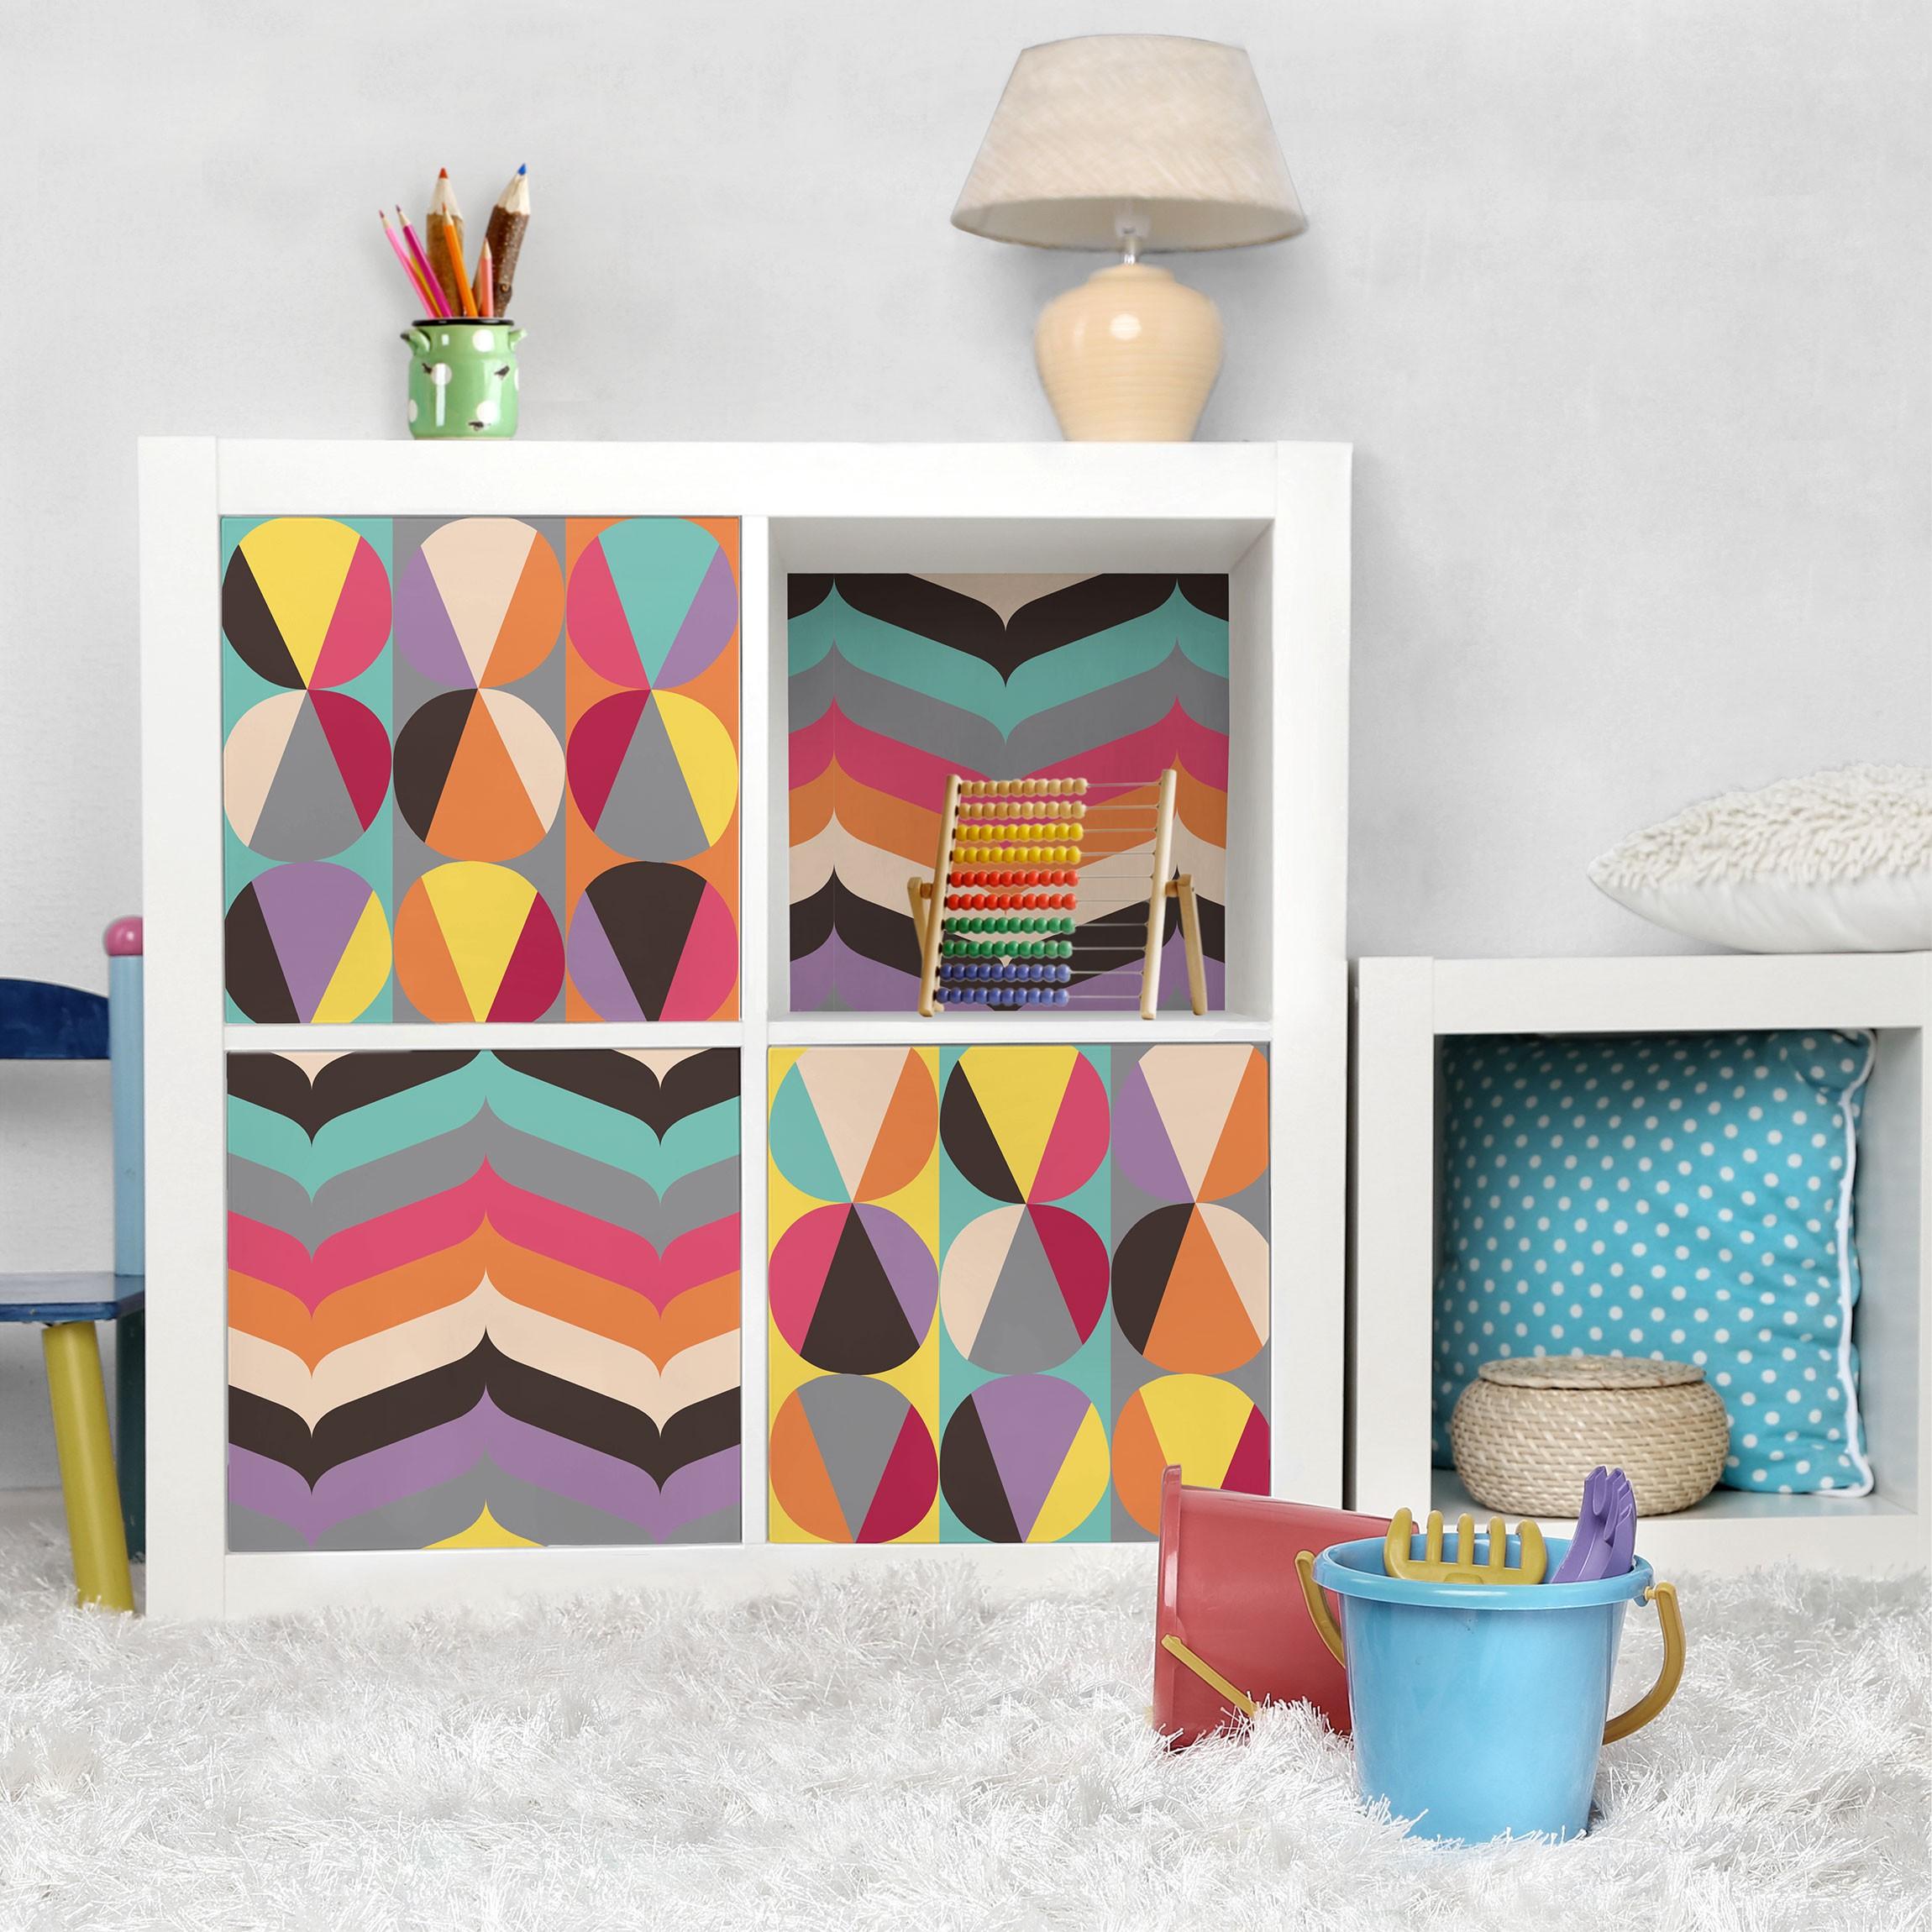 Carta adesiva per mobili two 60s retro pattern - Carte adesive per mobili ...